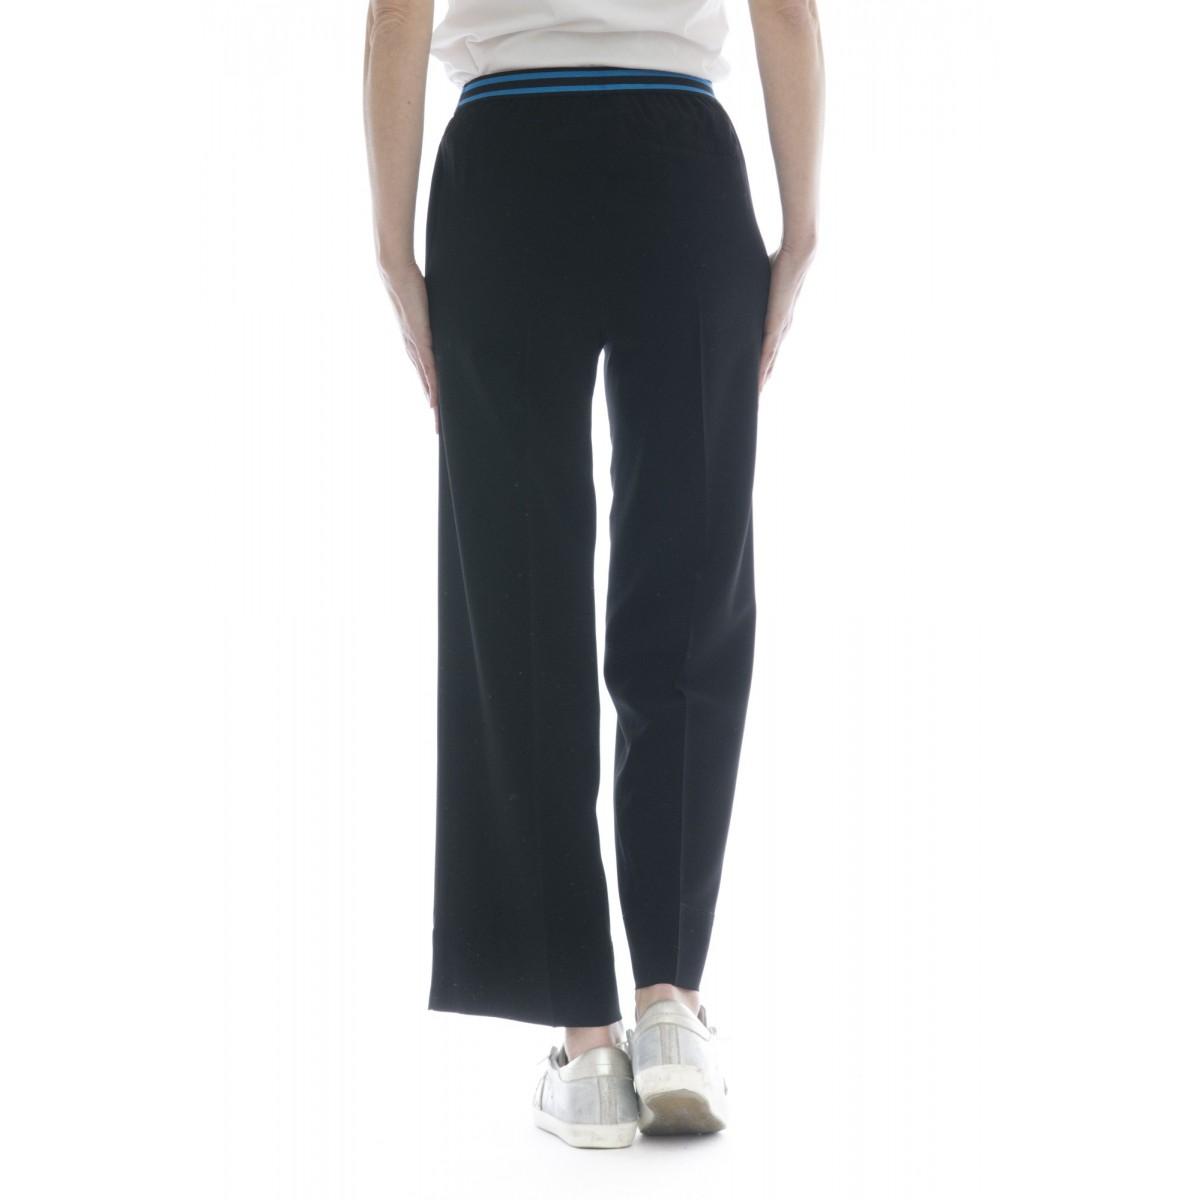 Pantalone donna - J4105 pantalone